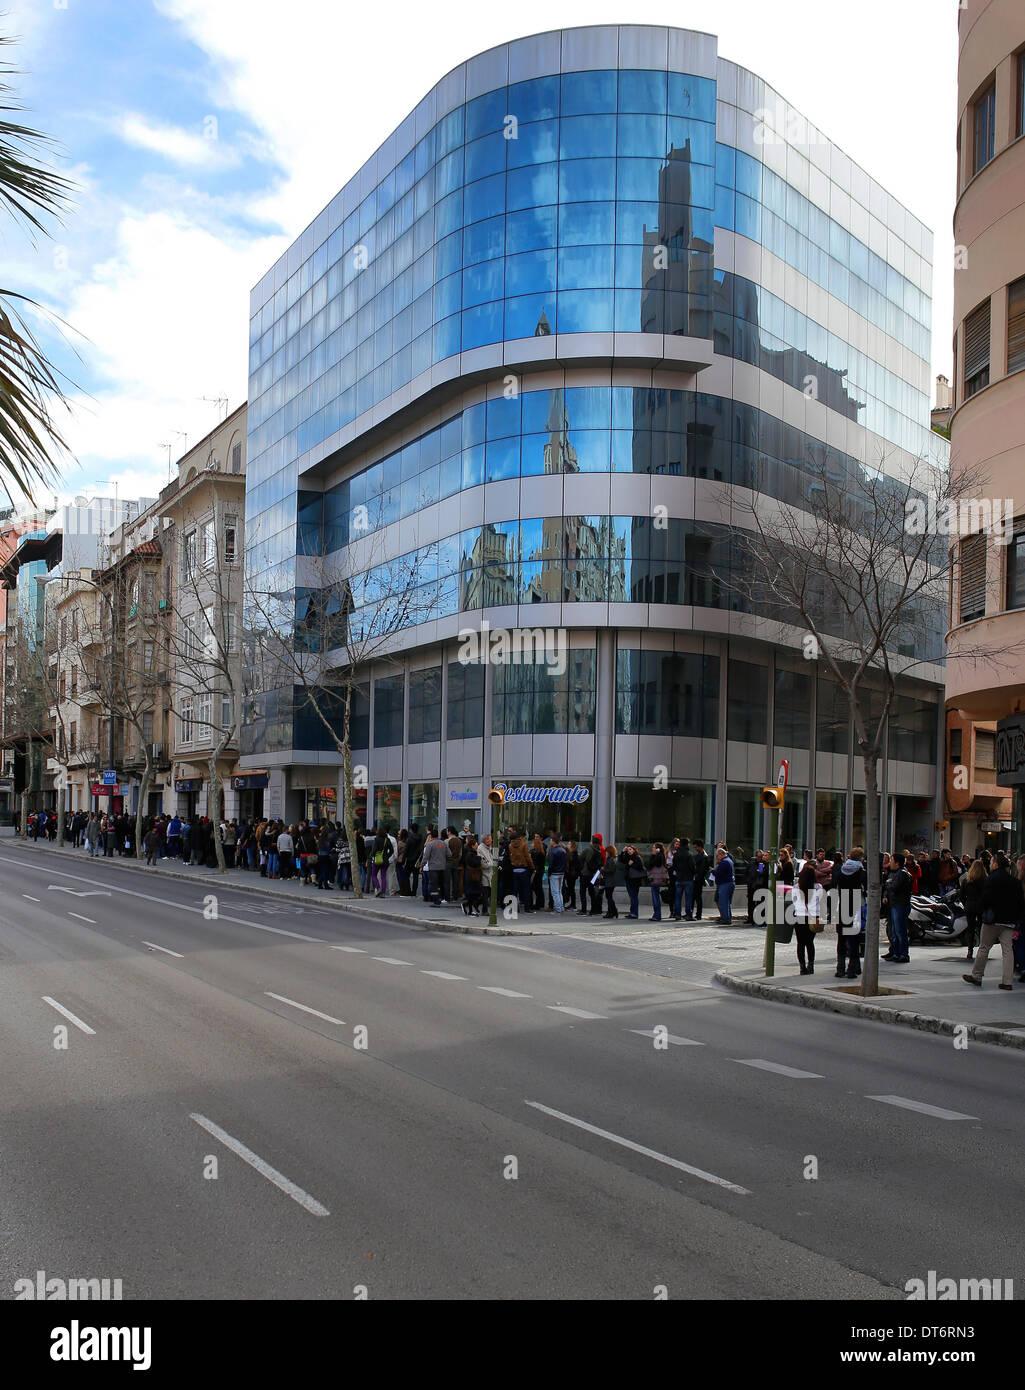 Le persone attendono in coda il loro turno di applicare per un'offerta di lavoro nell'isola di Mallorca, Spagna Immagini Stock